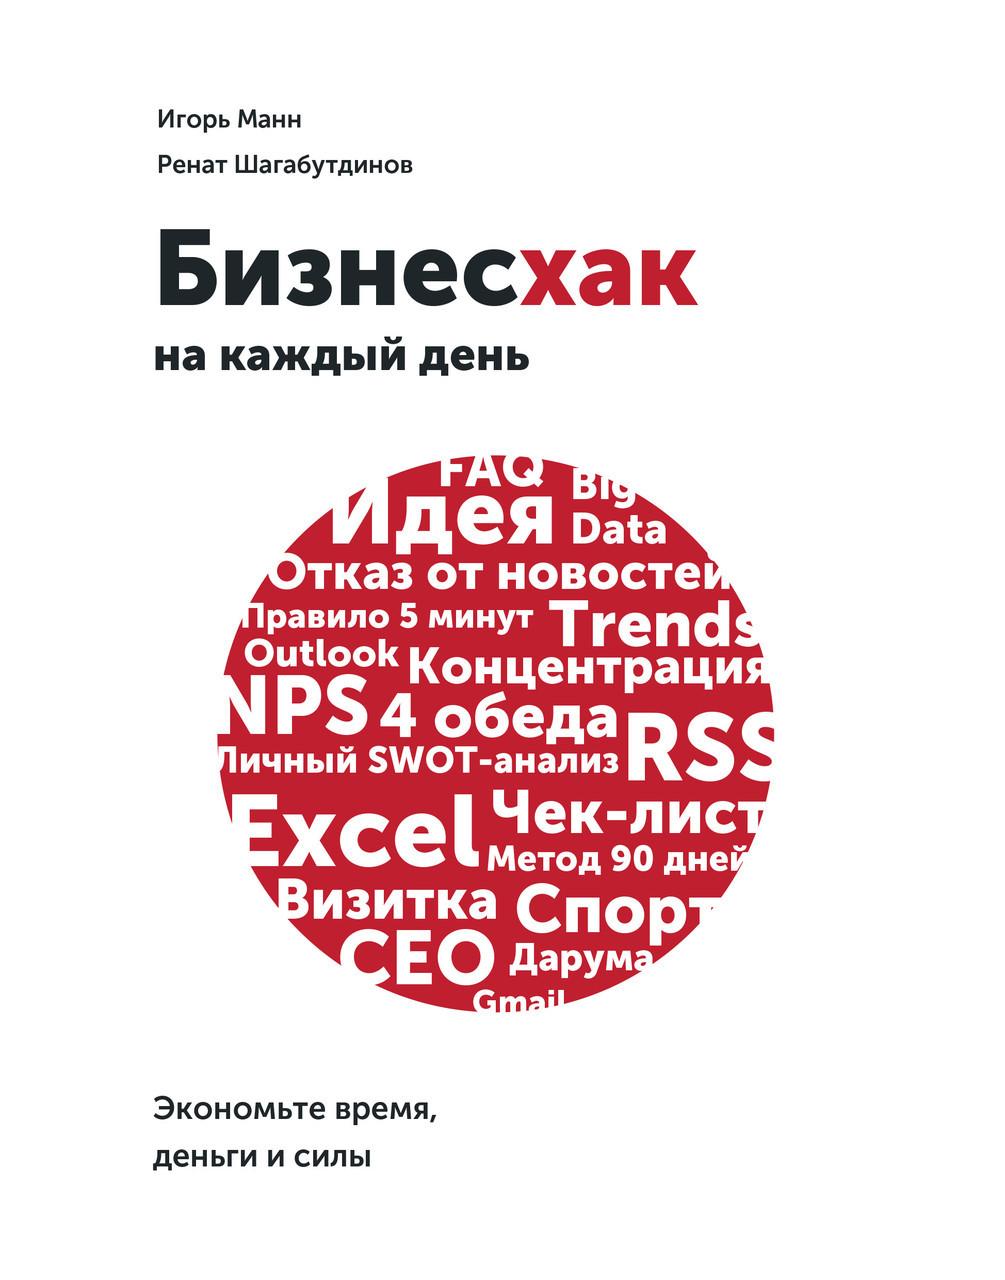 Манн И.; Шагабутдинов Р. Бизнесхак на каждый день (мягкий переплет)